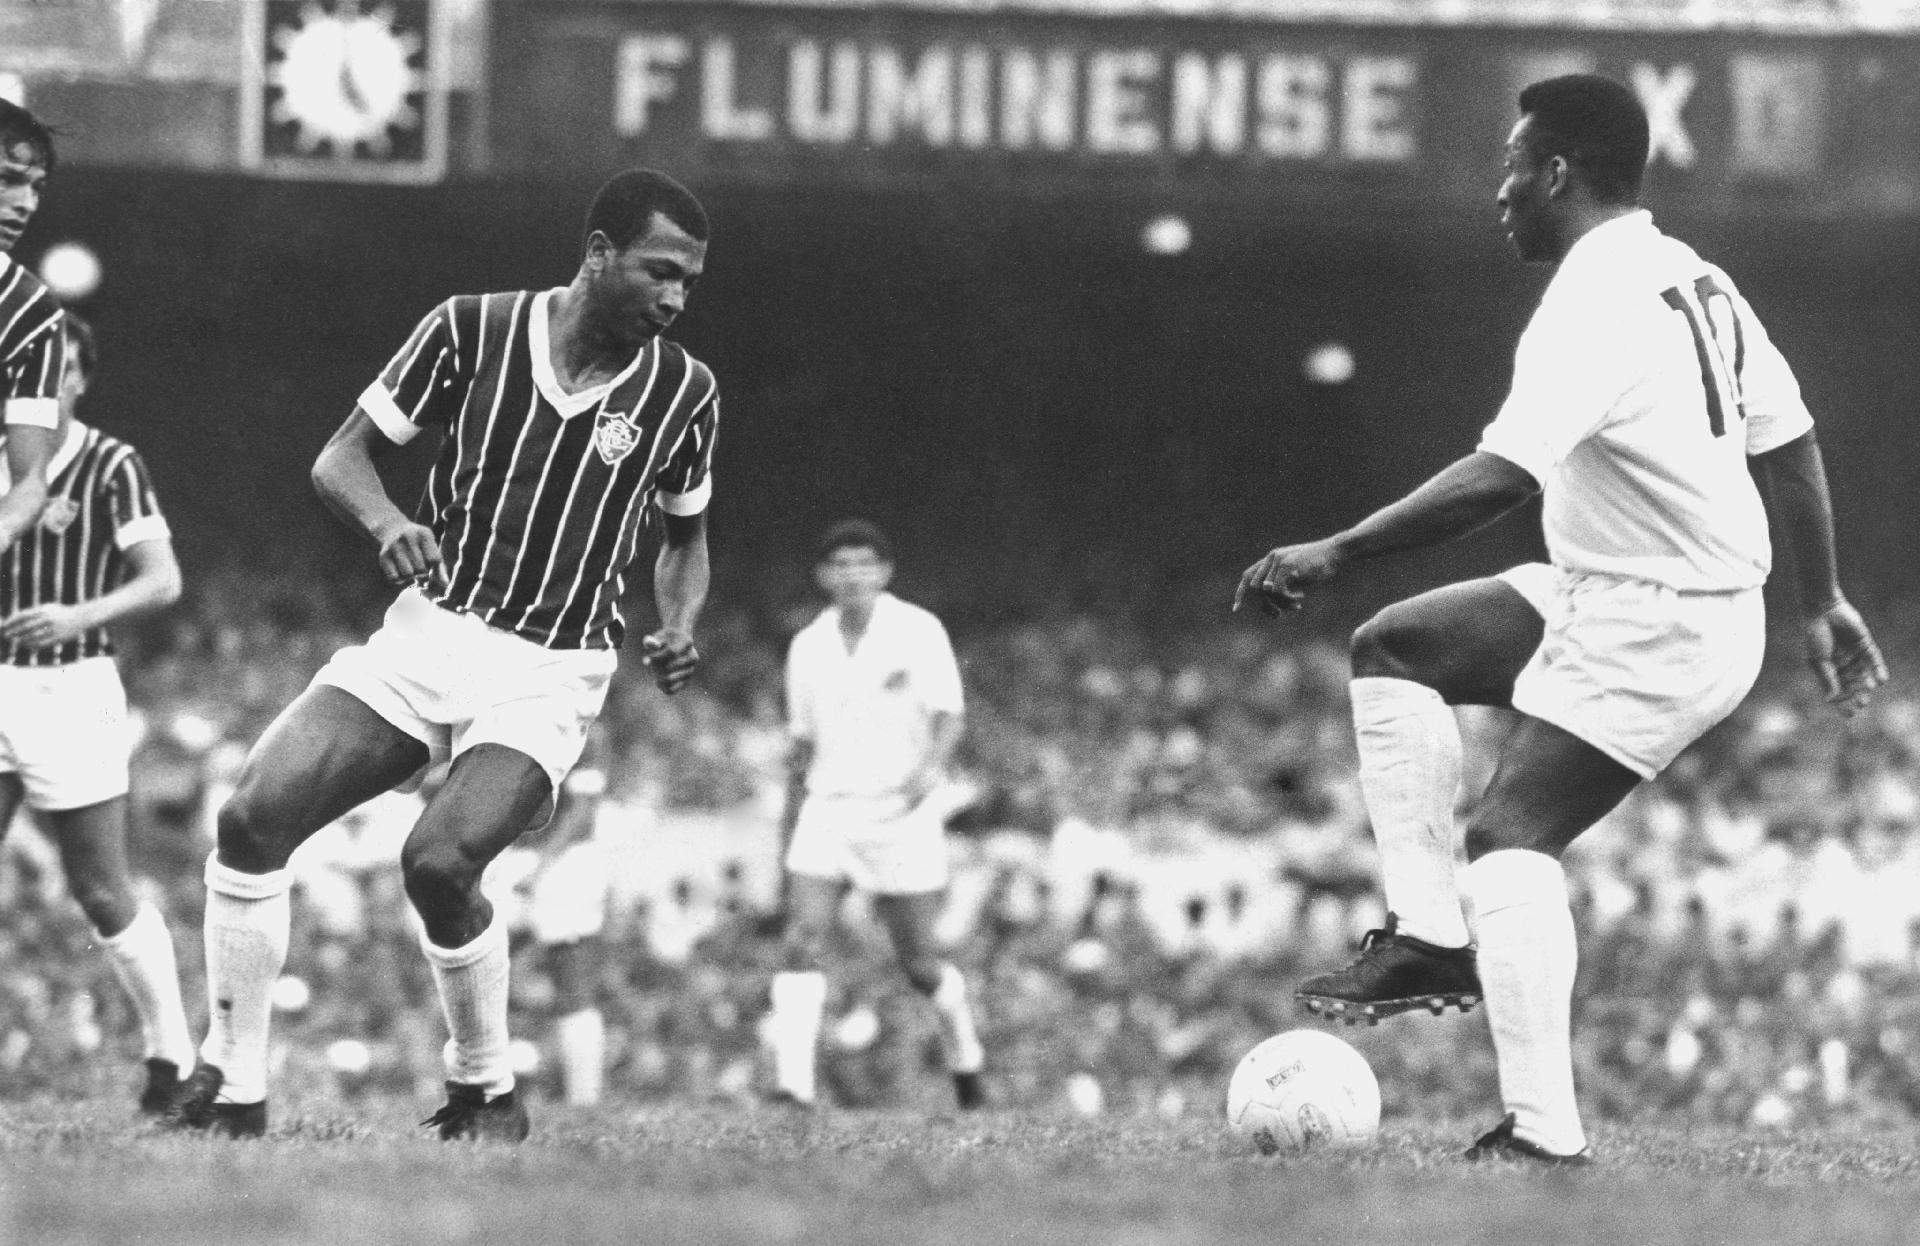 Pelé (e), do Santos para diante da marcação do jogador Cafuringa (Moacir Fernandes), do Fluminense, no jogo (empate em 0 a 0) válido pelo Torneio Roberto Gomes Pedrosa, realizado no estádio do Maracanã, no Rio de Janeiro